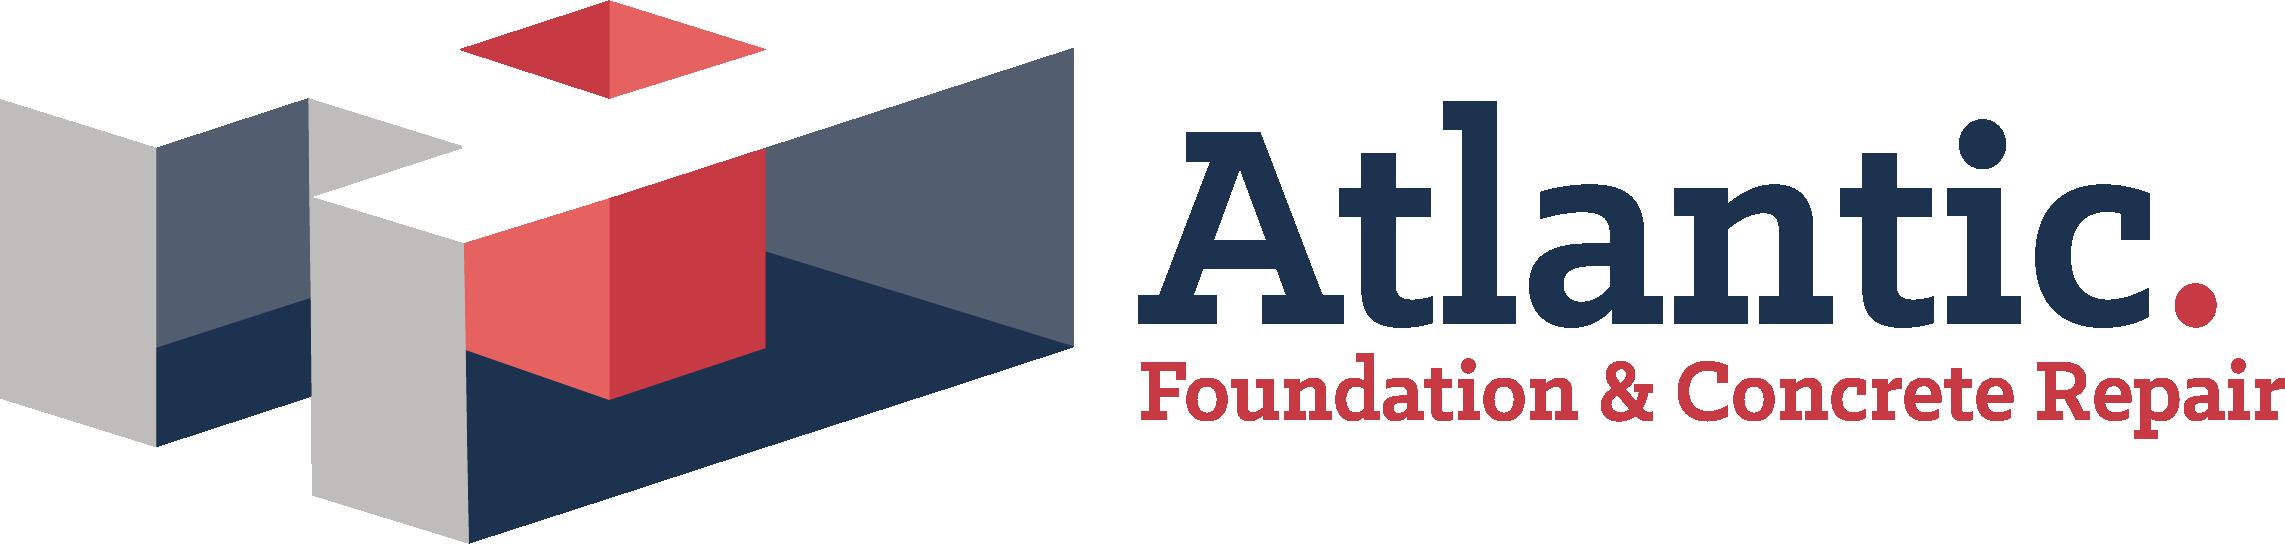 Atlantic Foundation and Concrete Repair